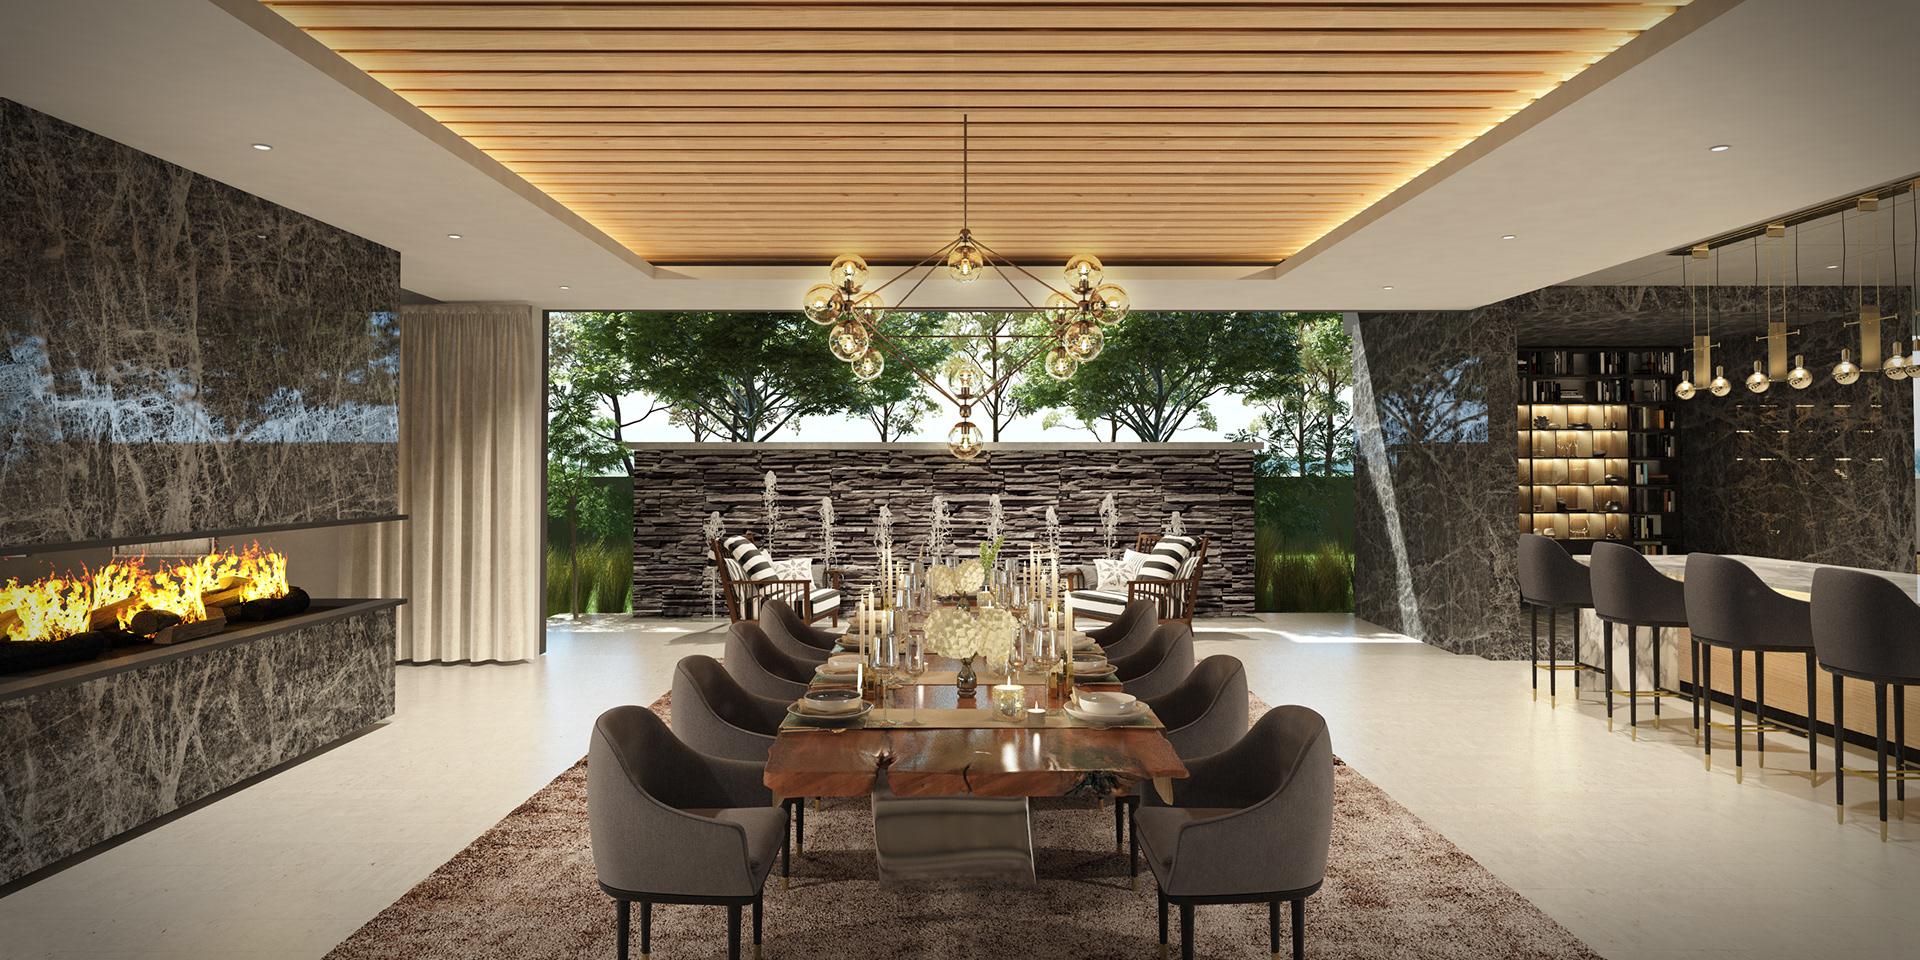 House design mauritius - Mauritius House 2